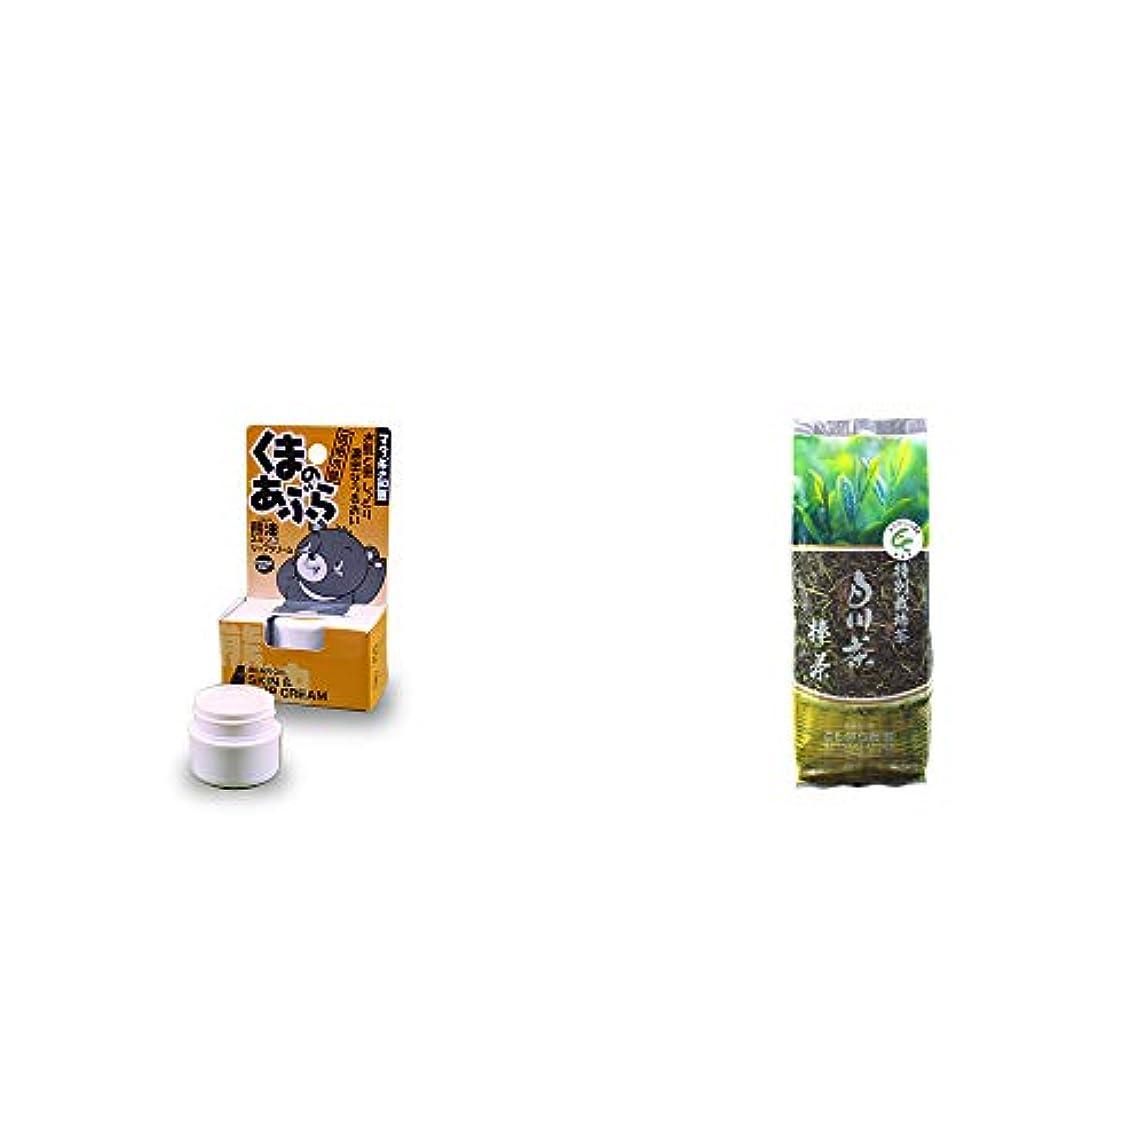 委員長グローバル裏切り[2点セット] 信州木曽 くまのあぶら 熊油スキン&リップクリーム(9g)?白川茶 特別栽培茶【棒茶】(150g)